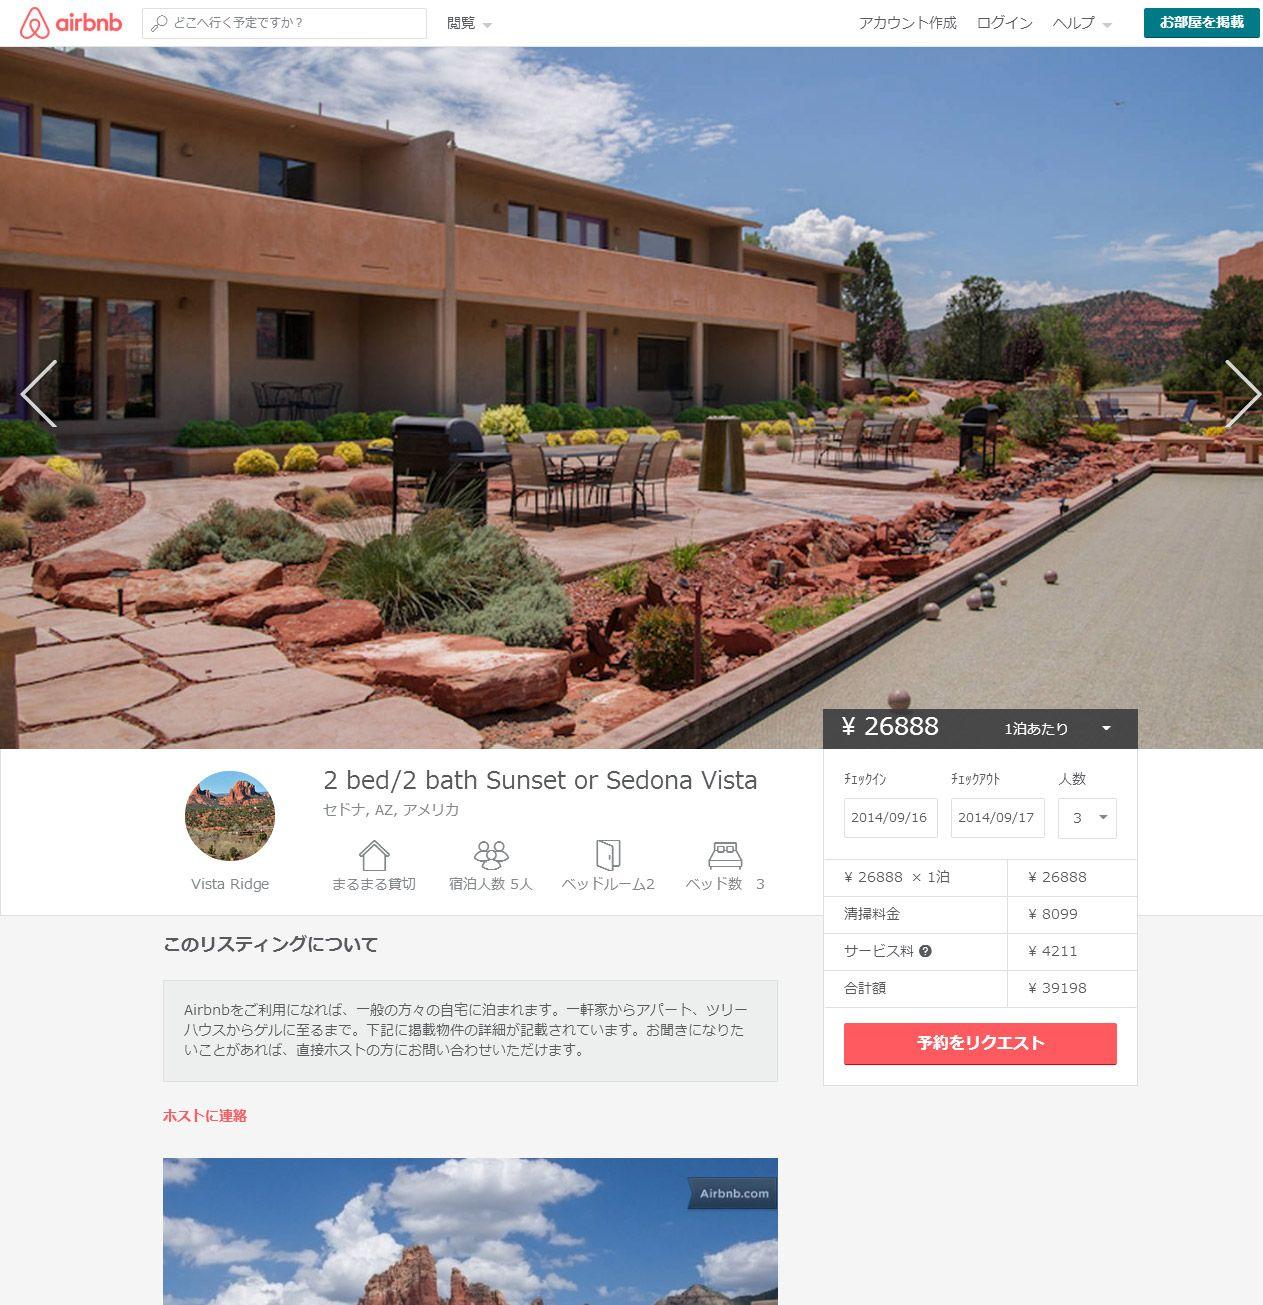 Airbnbで宿泊先を選ぶコツ!